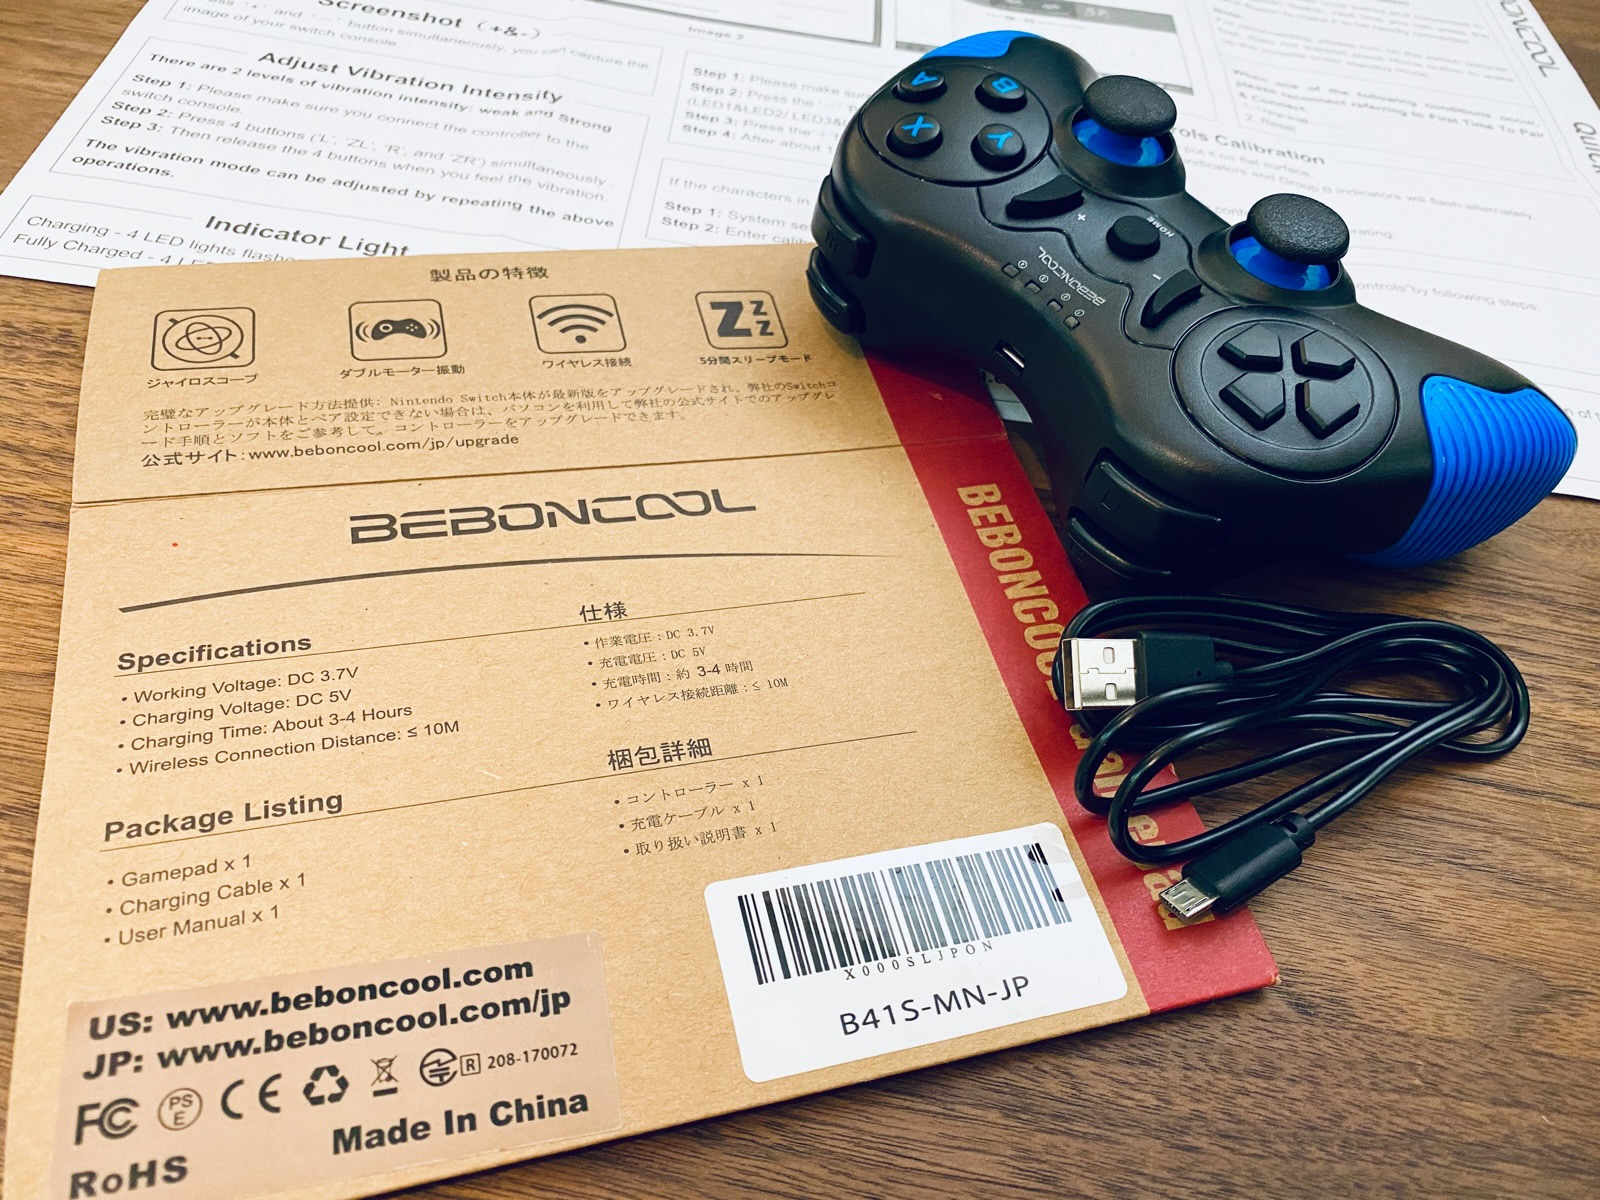 BEBONCOOL B41S。Amazonマケプレにて2299円で購入。  「任天堂2019年バージョン(9.1.0)に対応」 「充電端子マイクロUSB」  「2020先行版」Nintendo Switch用無線スイッチ コントローラー HD振動 ジャイロセンサー搭載 Bluetooth接続 プロコン https://t.co/oQlLFyf8qM https://t.co/NEGERryoM4